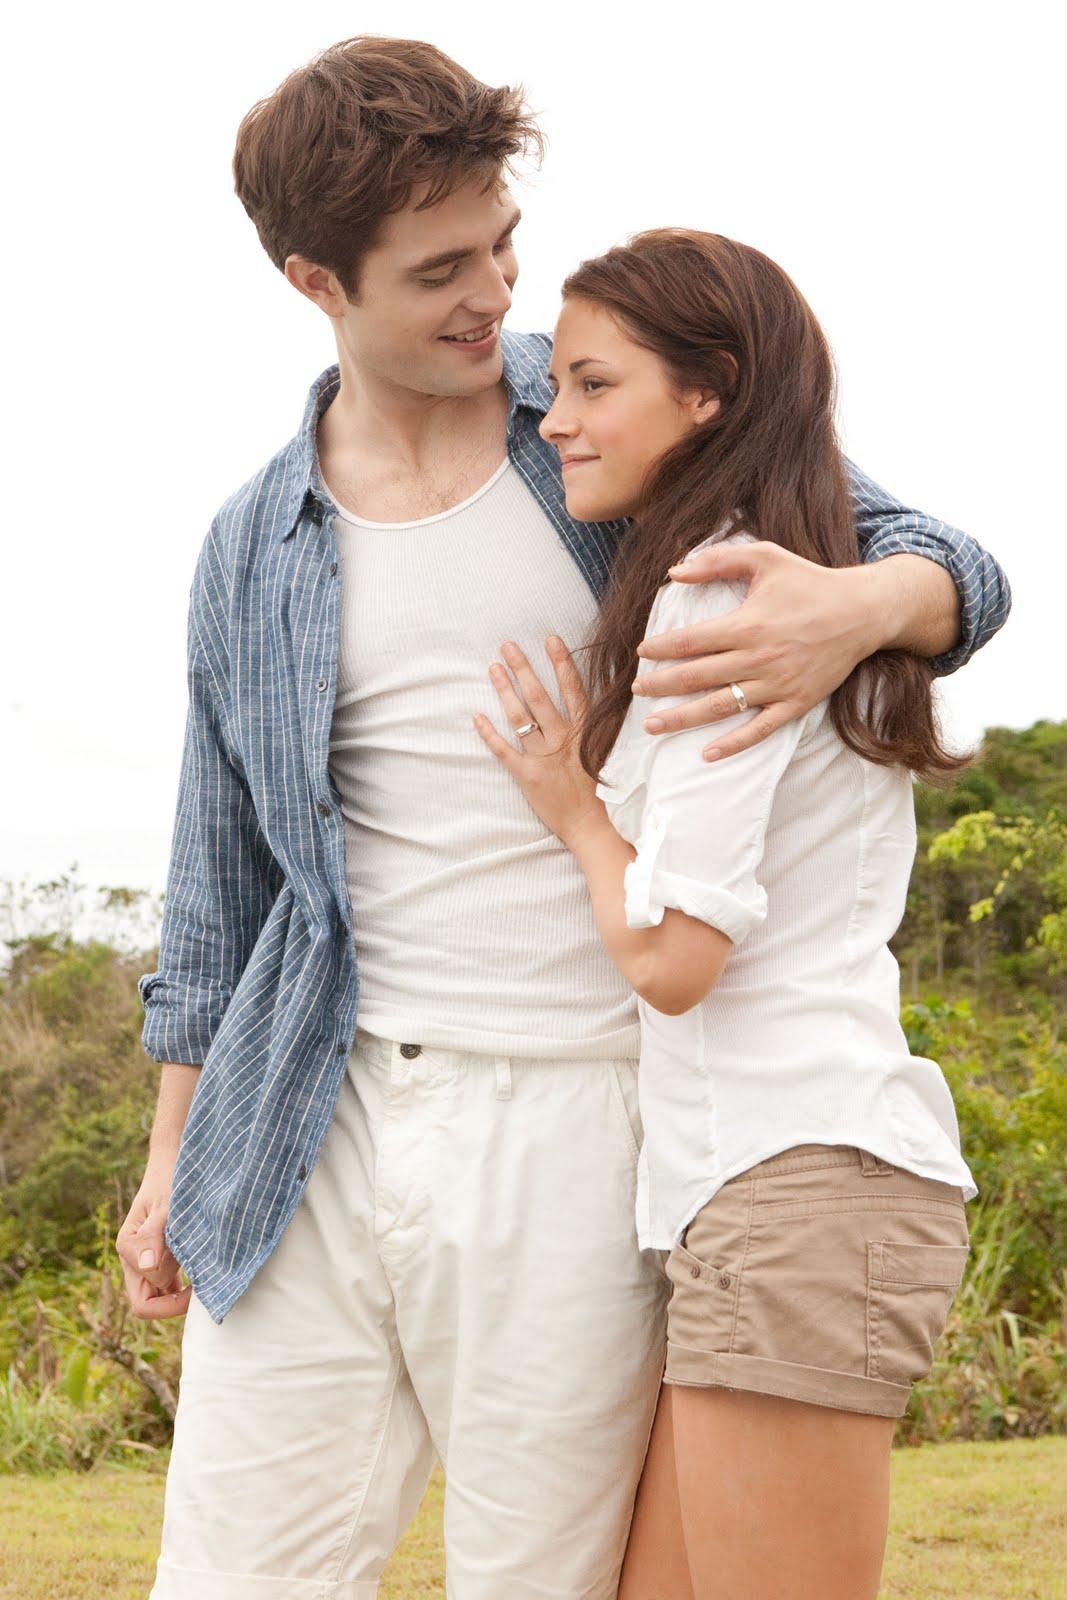 Image - Honeymoon bella edward (4).jpg | Twilight Saga ...